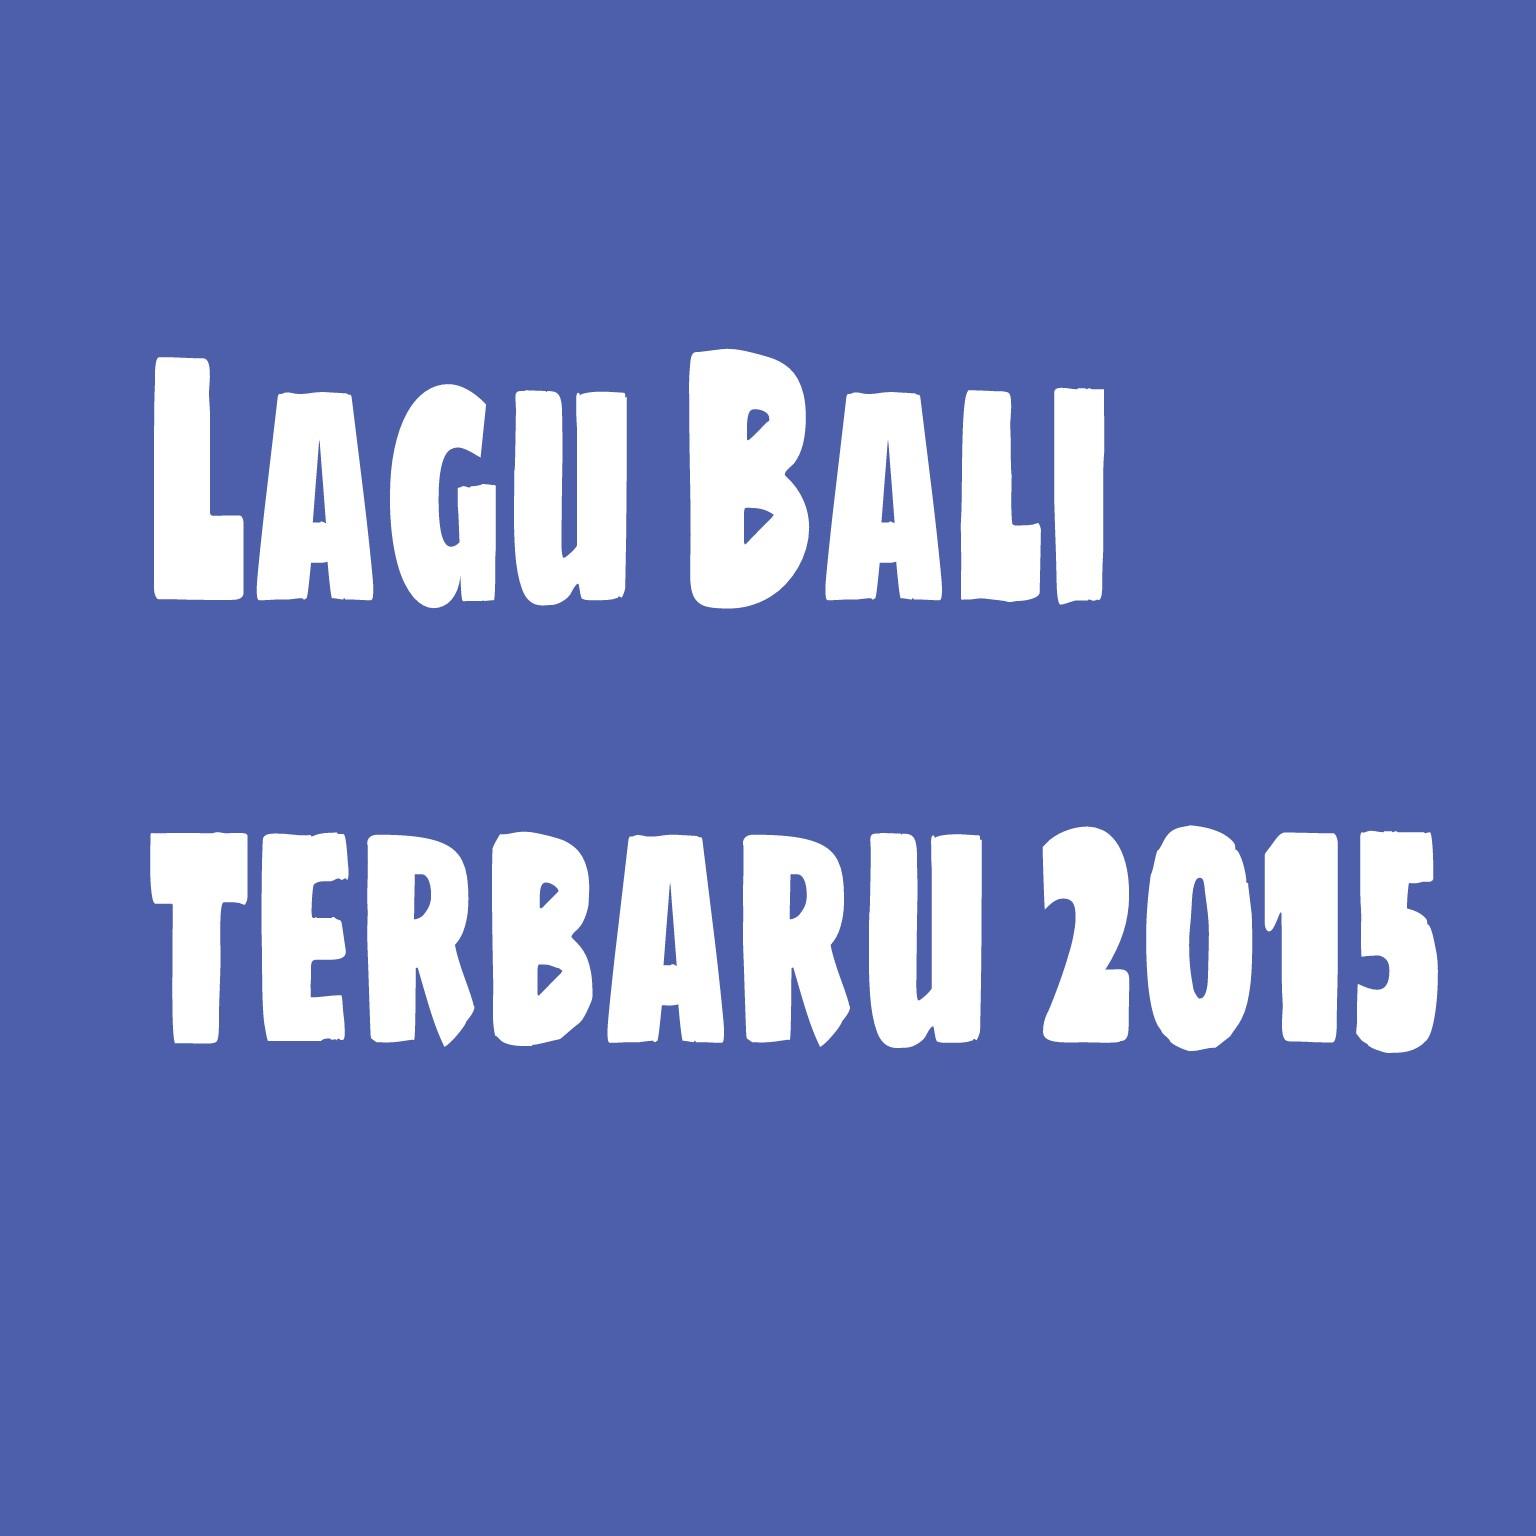 Download Lagu 4 20 Kita Pasti Tua: Nak Bloog: Kumpulan Lagu Bali Terbaru 2015